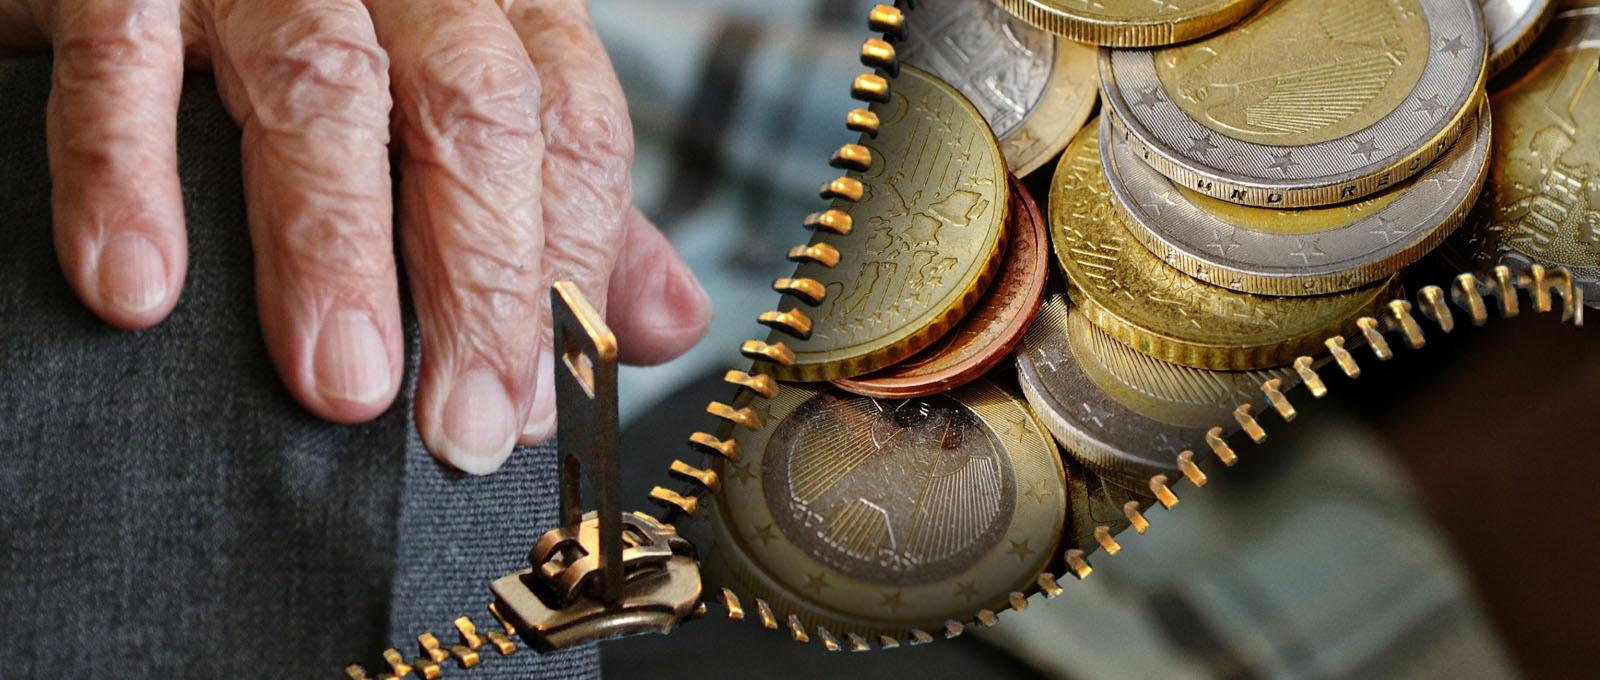 Ältere Menschen stehen häufig im Fokus von Betrügern. © pixabay.com